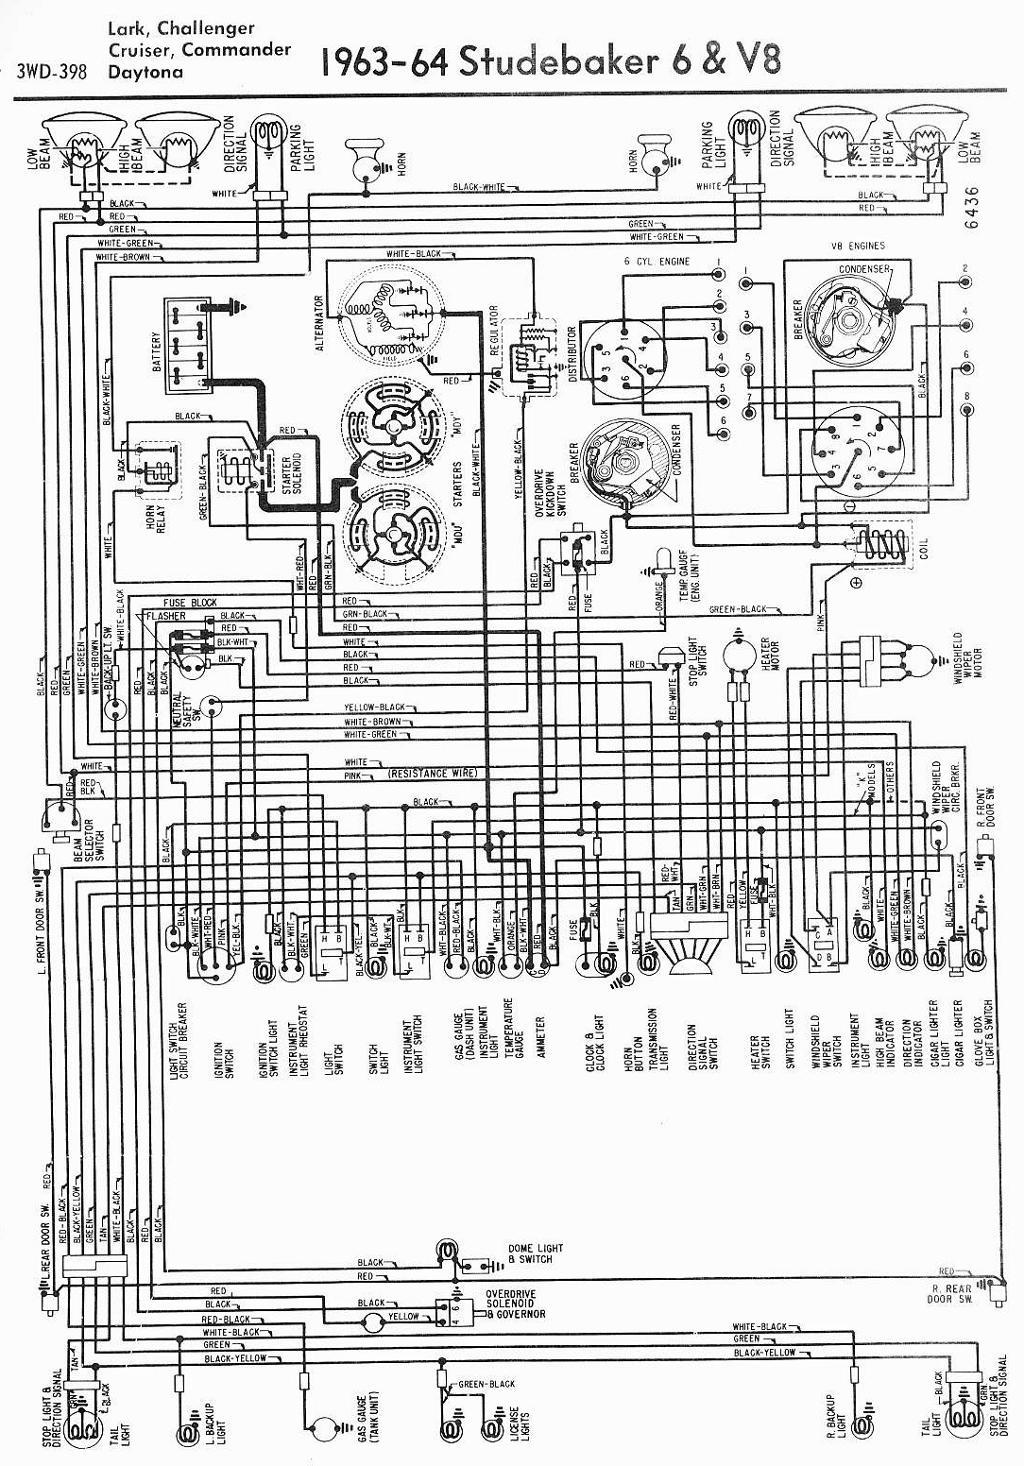 1951 studebaker wiring diagram get free image about wiring diagram rh abetter pw